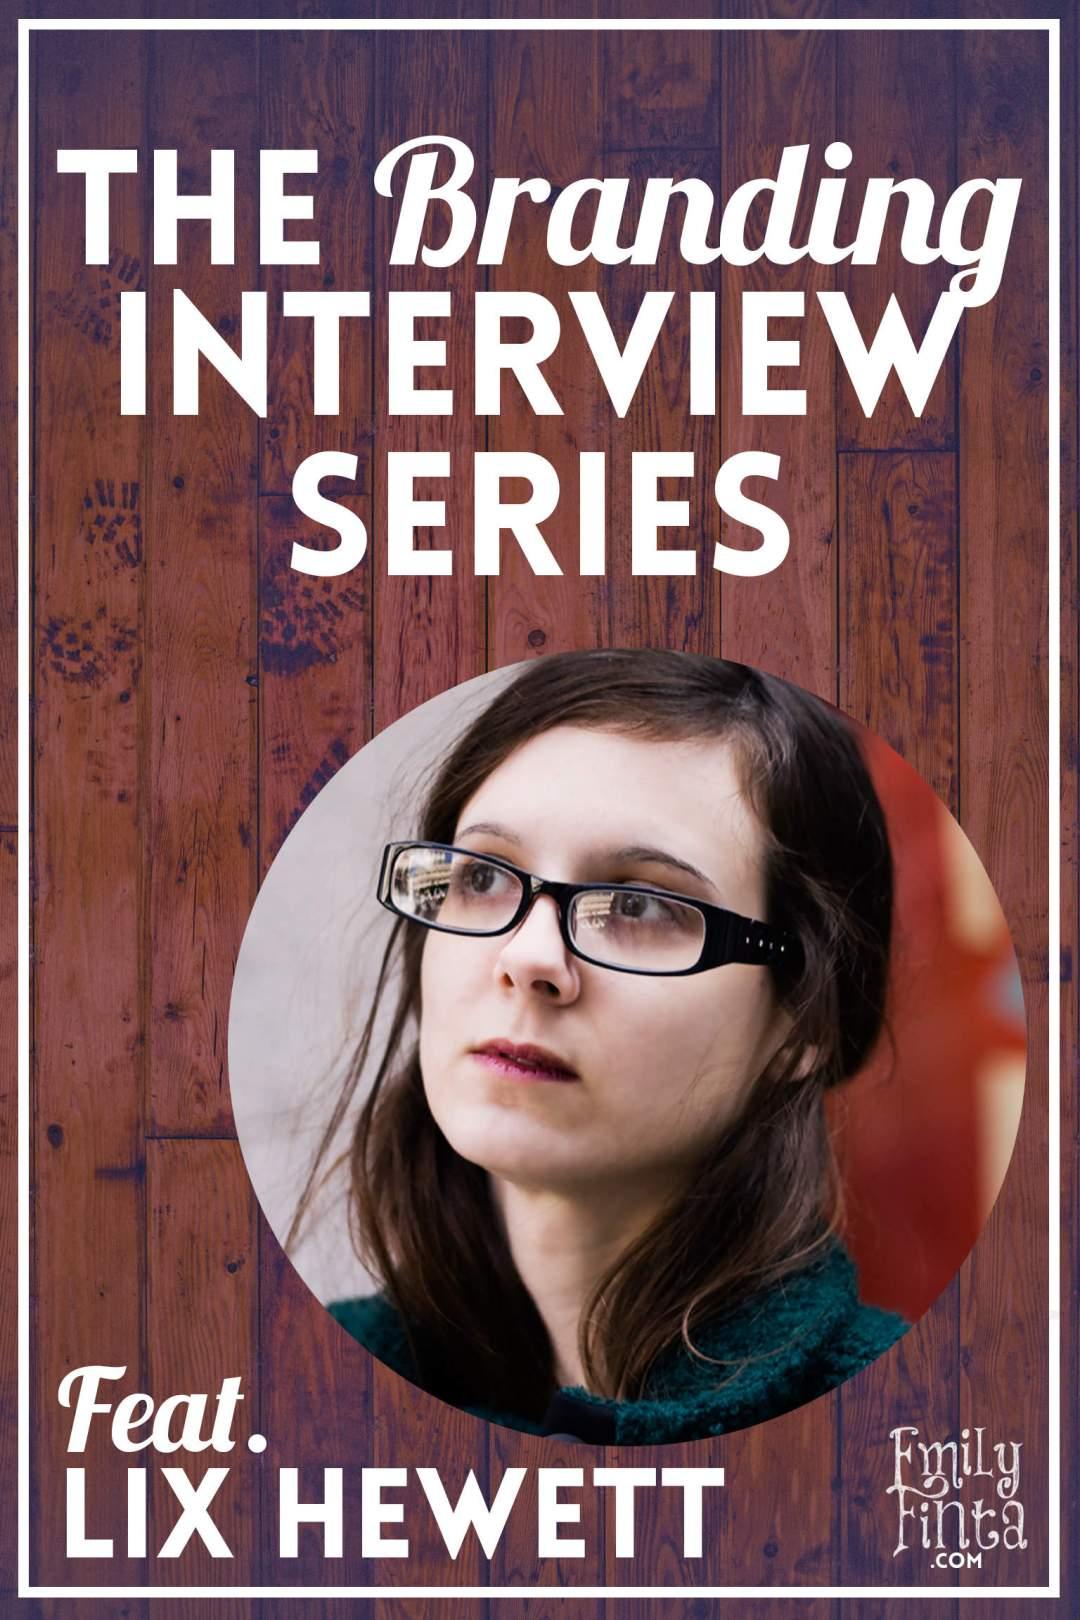 Emily Finta - Lix Hewett Branding Interview